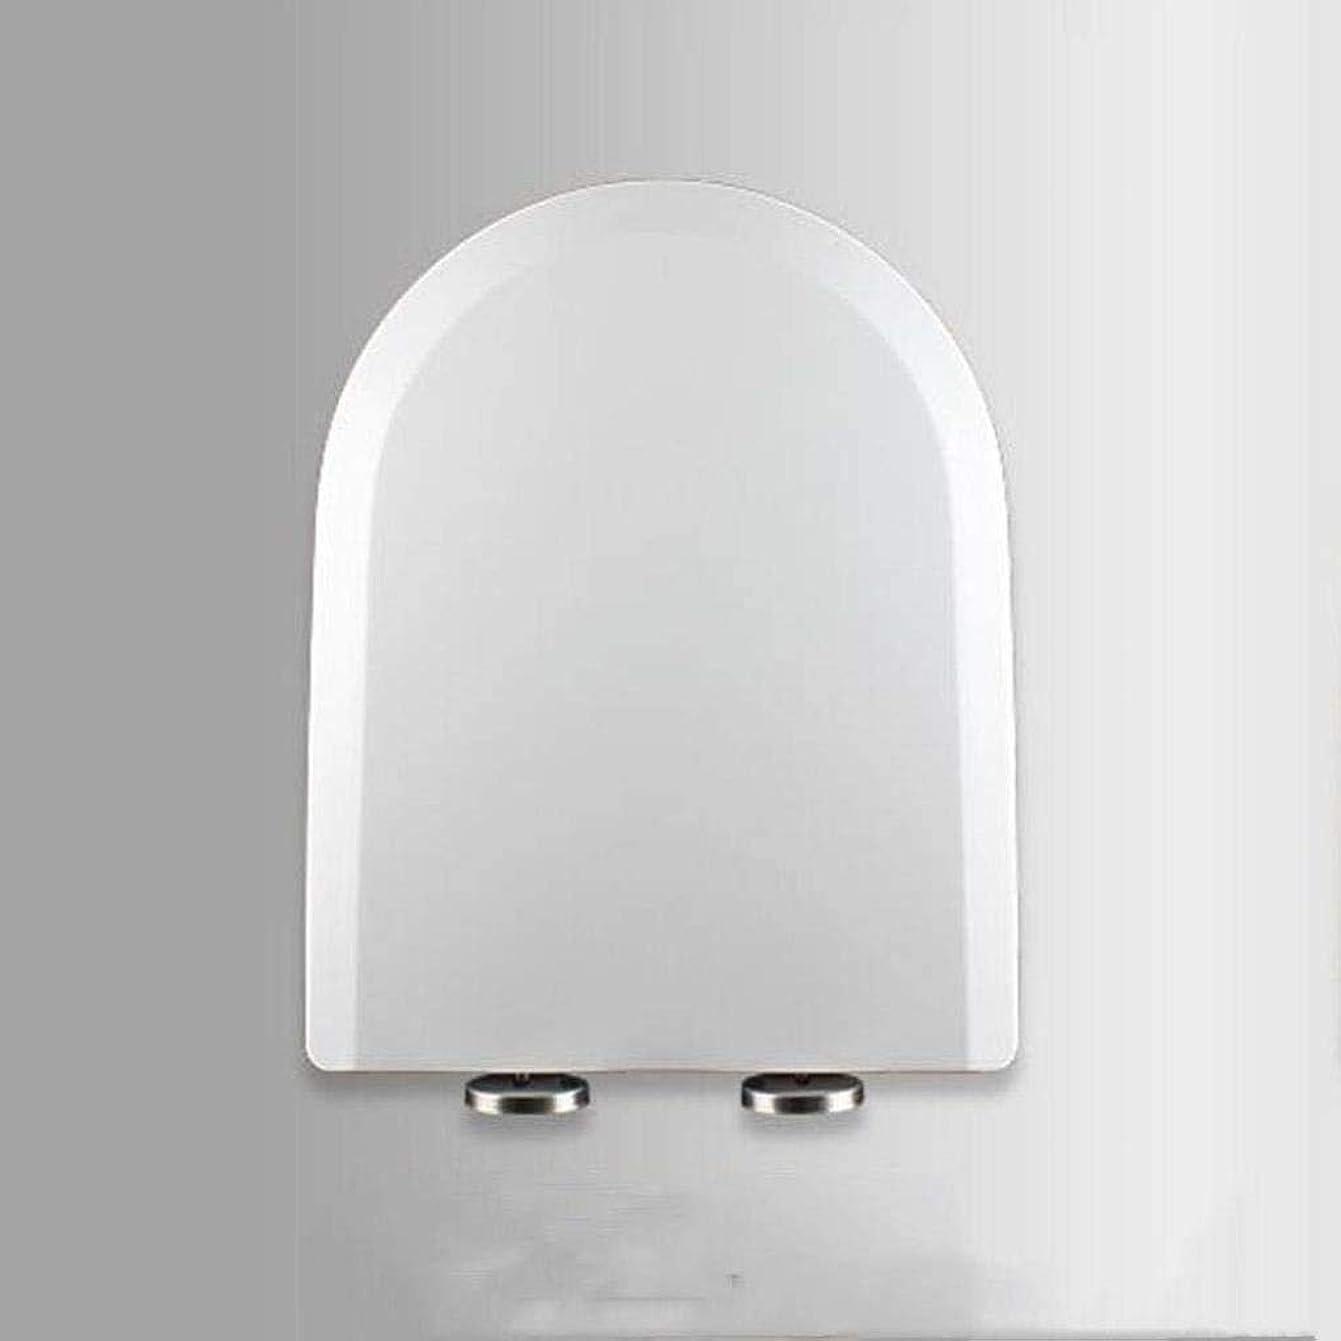 詳細なコショウ繊毛ZZLOUC 便座1パック便座U / Vシェイプソフトクローズアジャスタブルヒンジクイックリリーストップ固定便座カバーファミリー利用ホワイトトイレのふた、ホワイト、40?45C * 34センチメートル